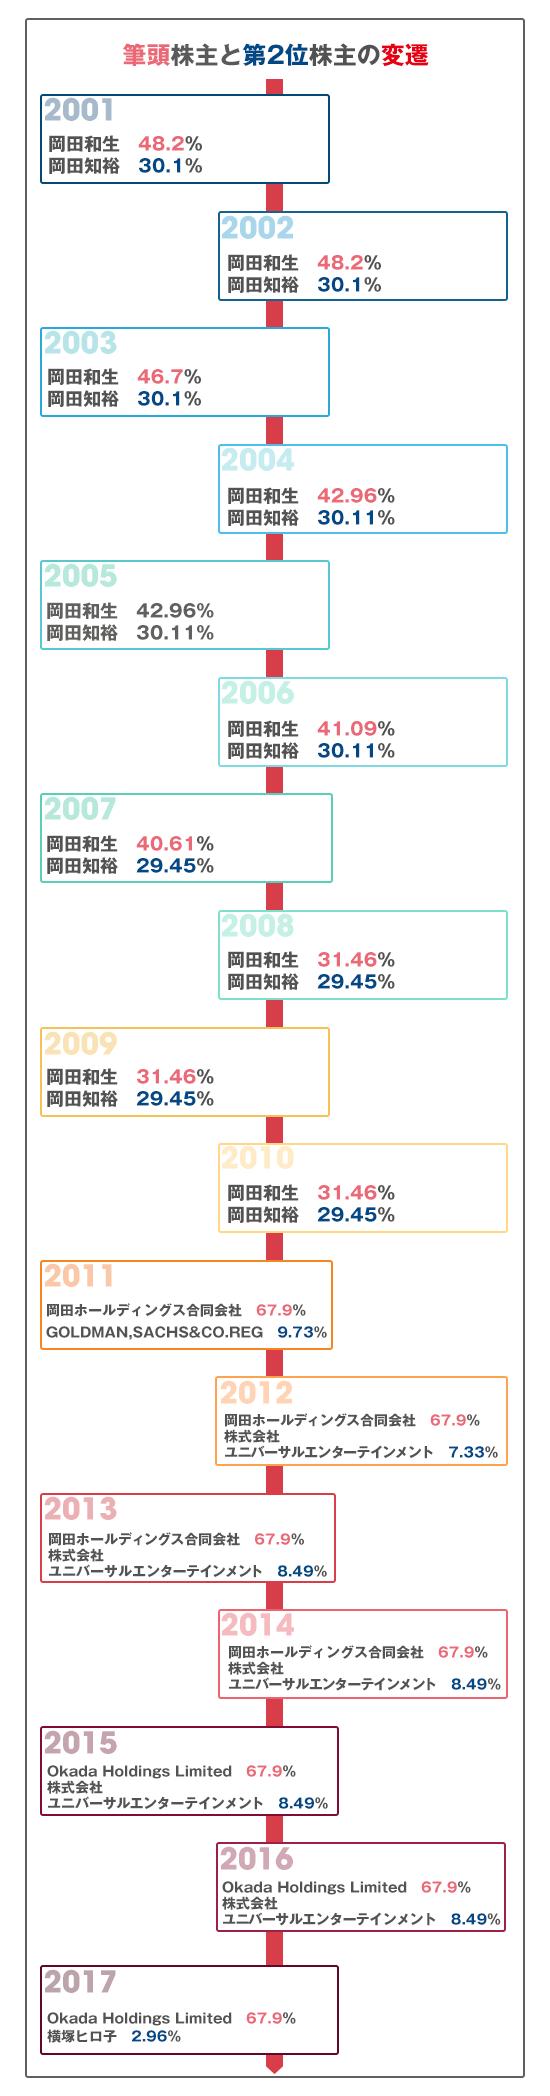 ユニバーサルエンターテインメントの株主変遷